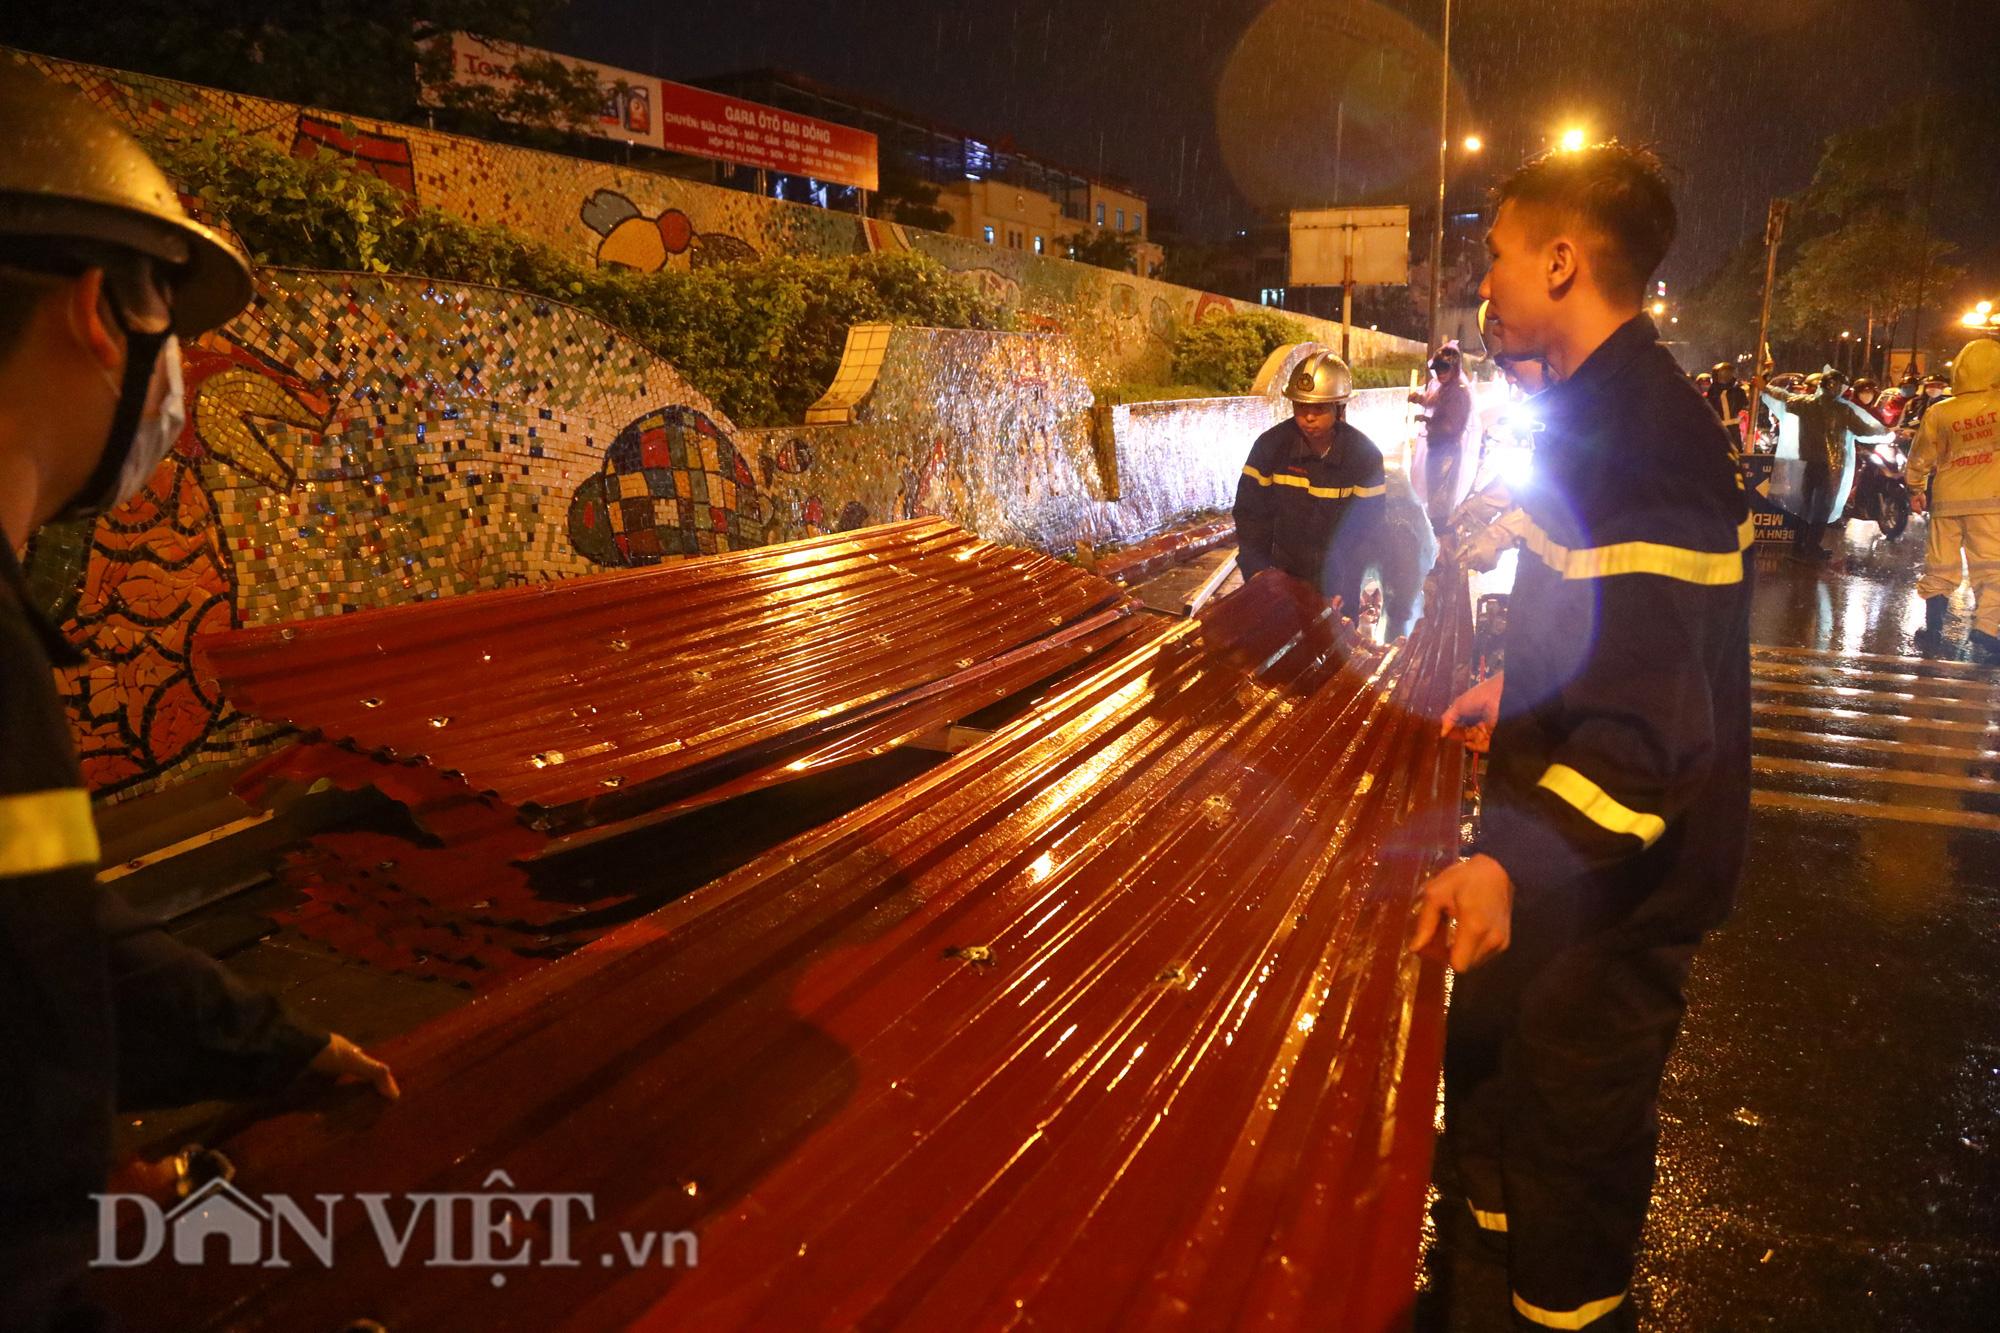 Đội mưa giông dọn mái tôn bay xuống giữa đường gốm sứ Hà Nội - Ảnh 6.